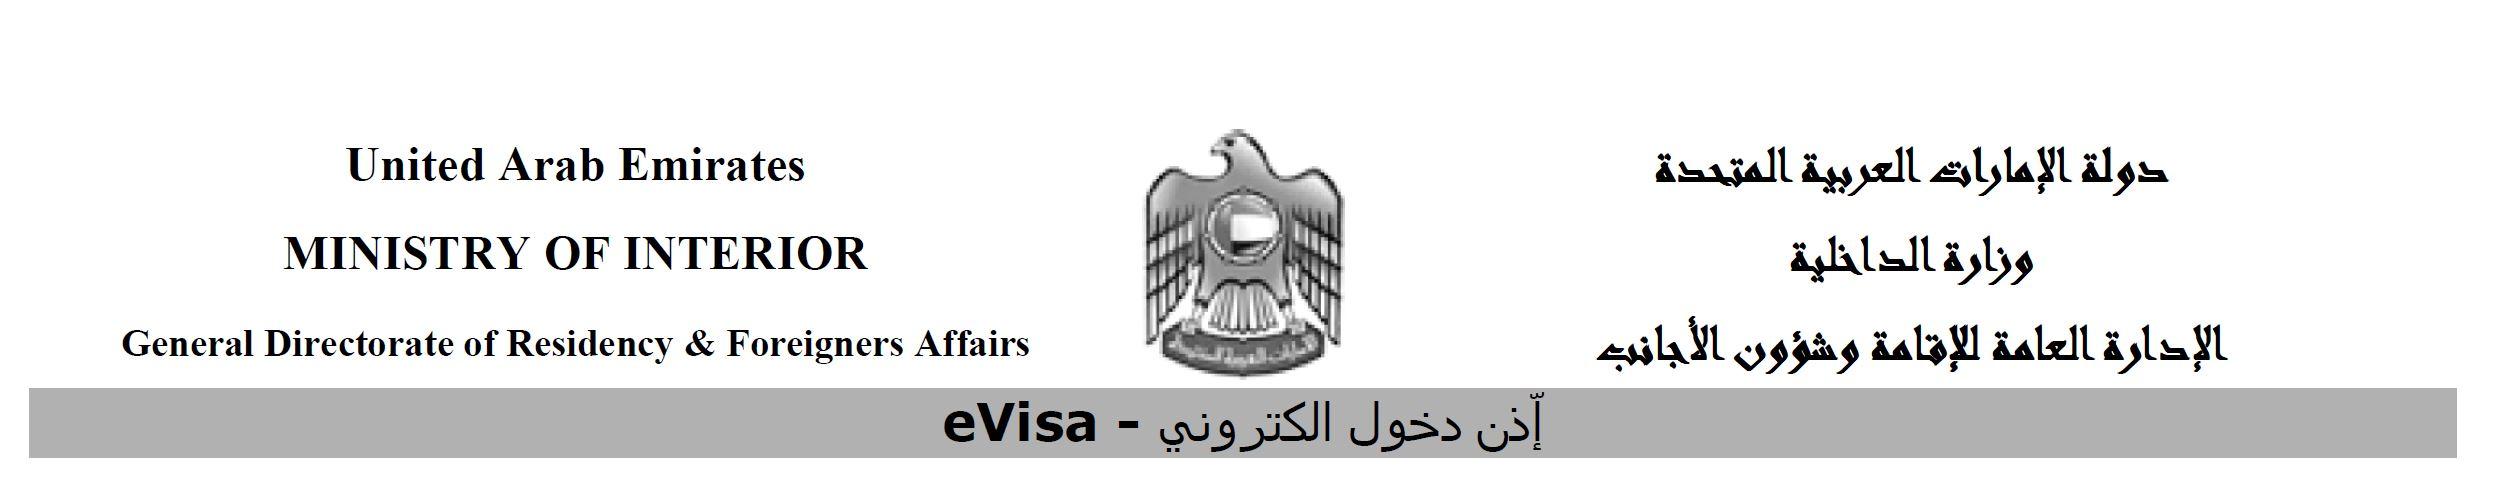 Apply for a UAE Visa online